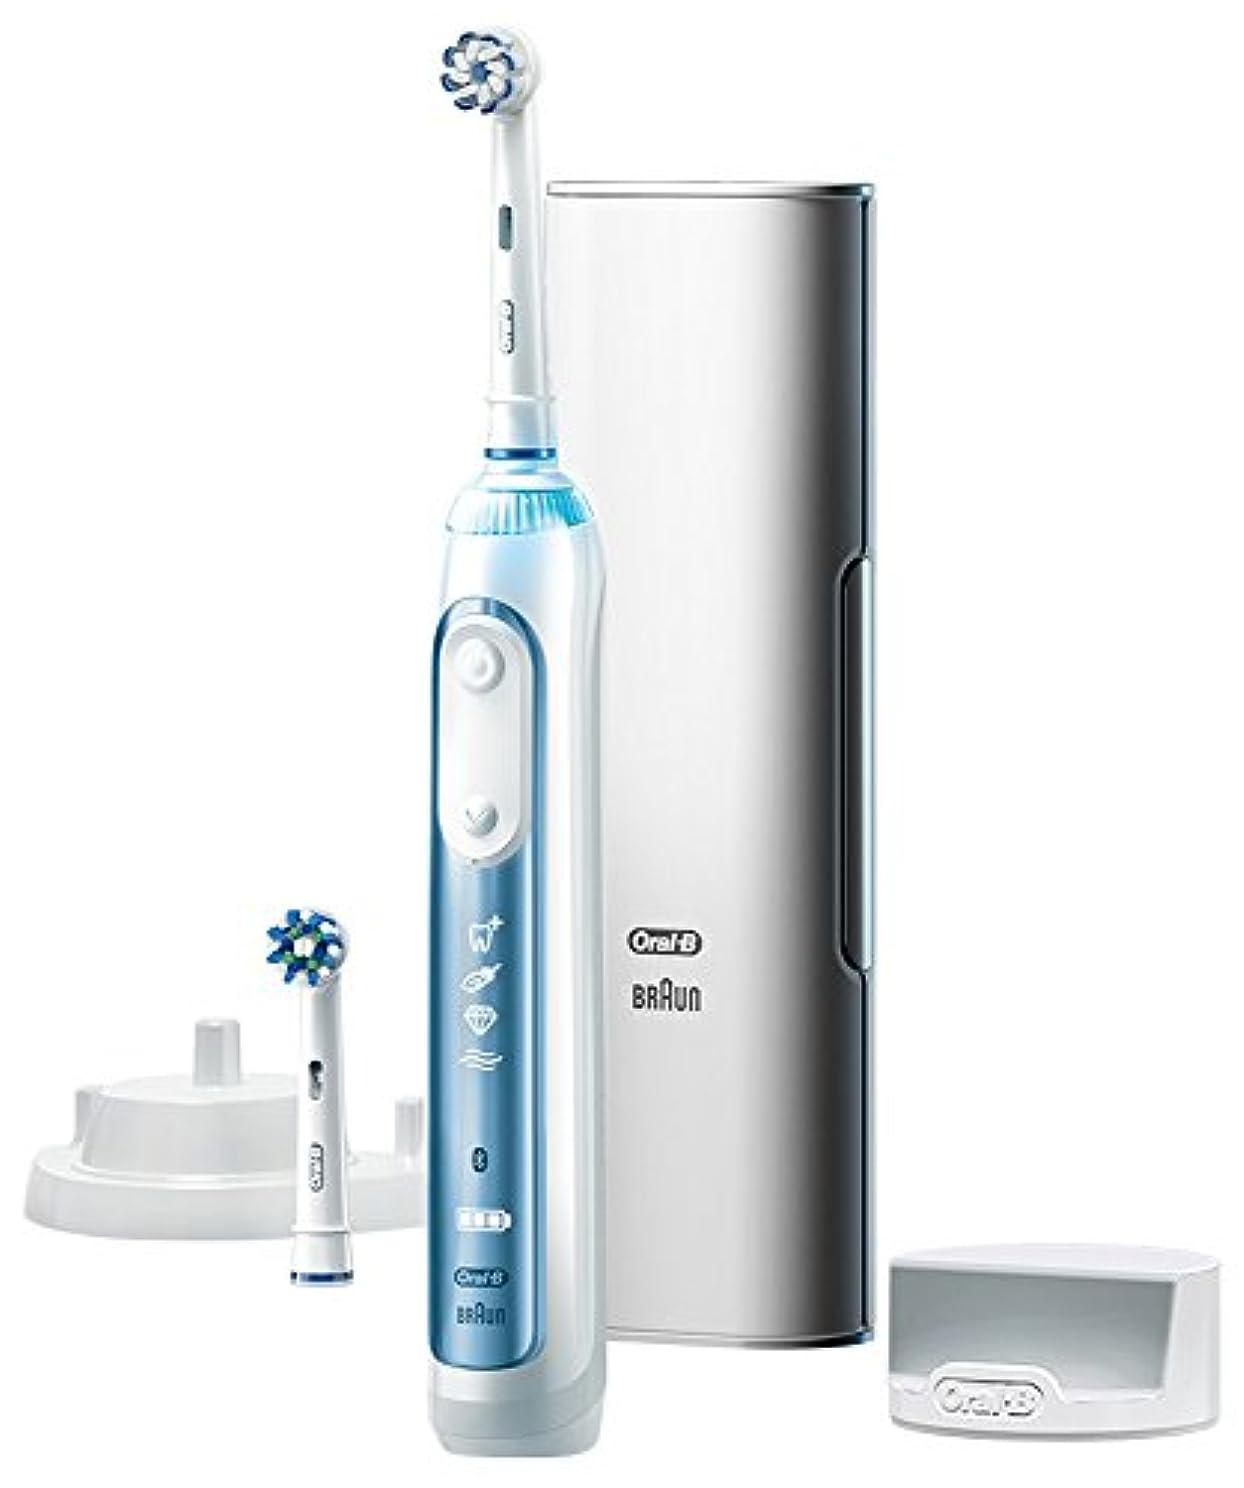 住人特派員多数のブラウン オーラルB 電動歯ブラシ スマート7000 D7005245XP D7005245XP